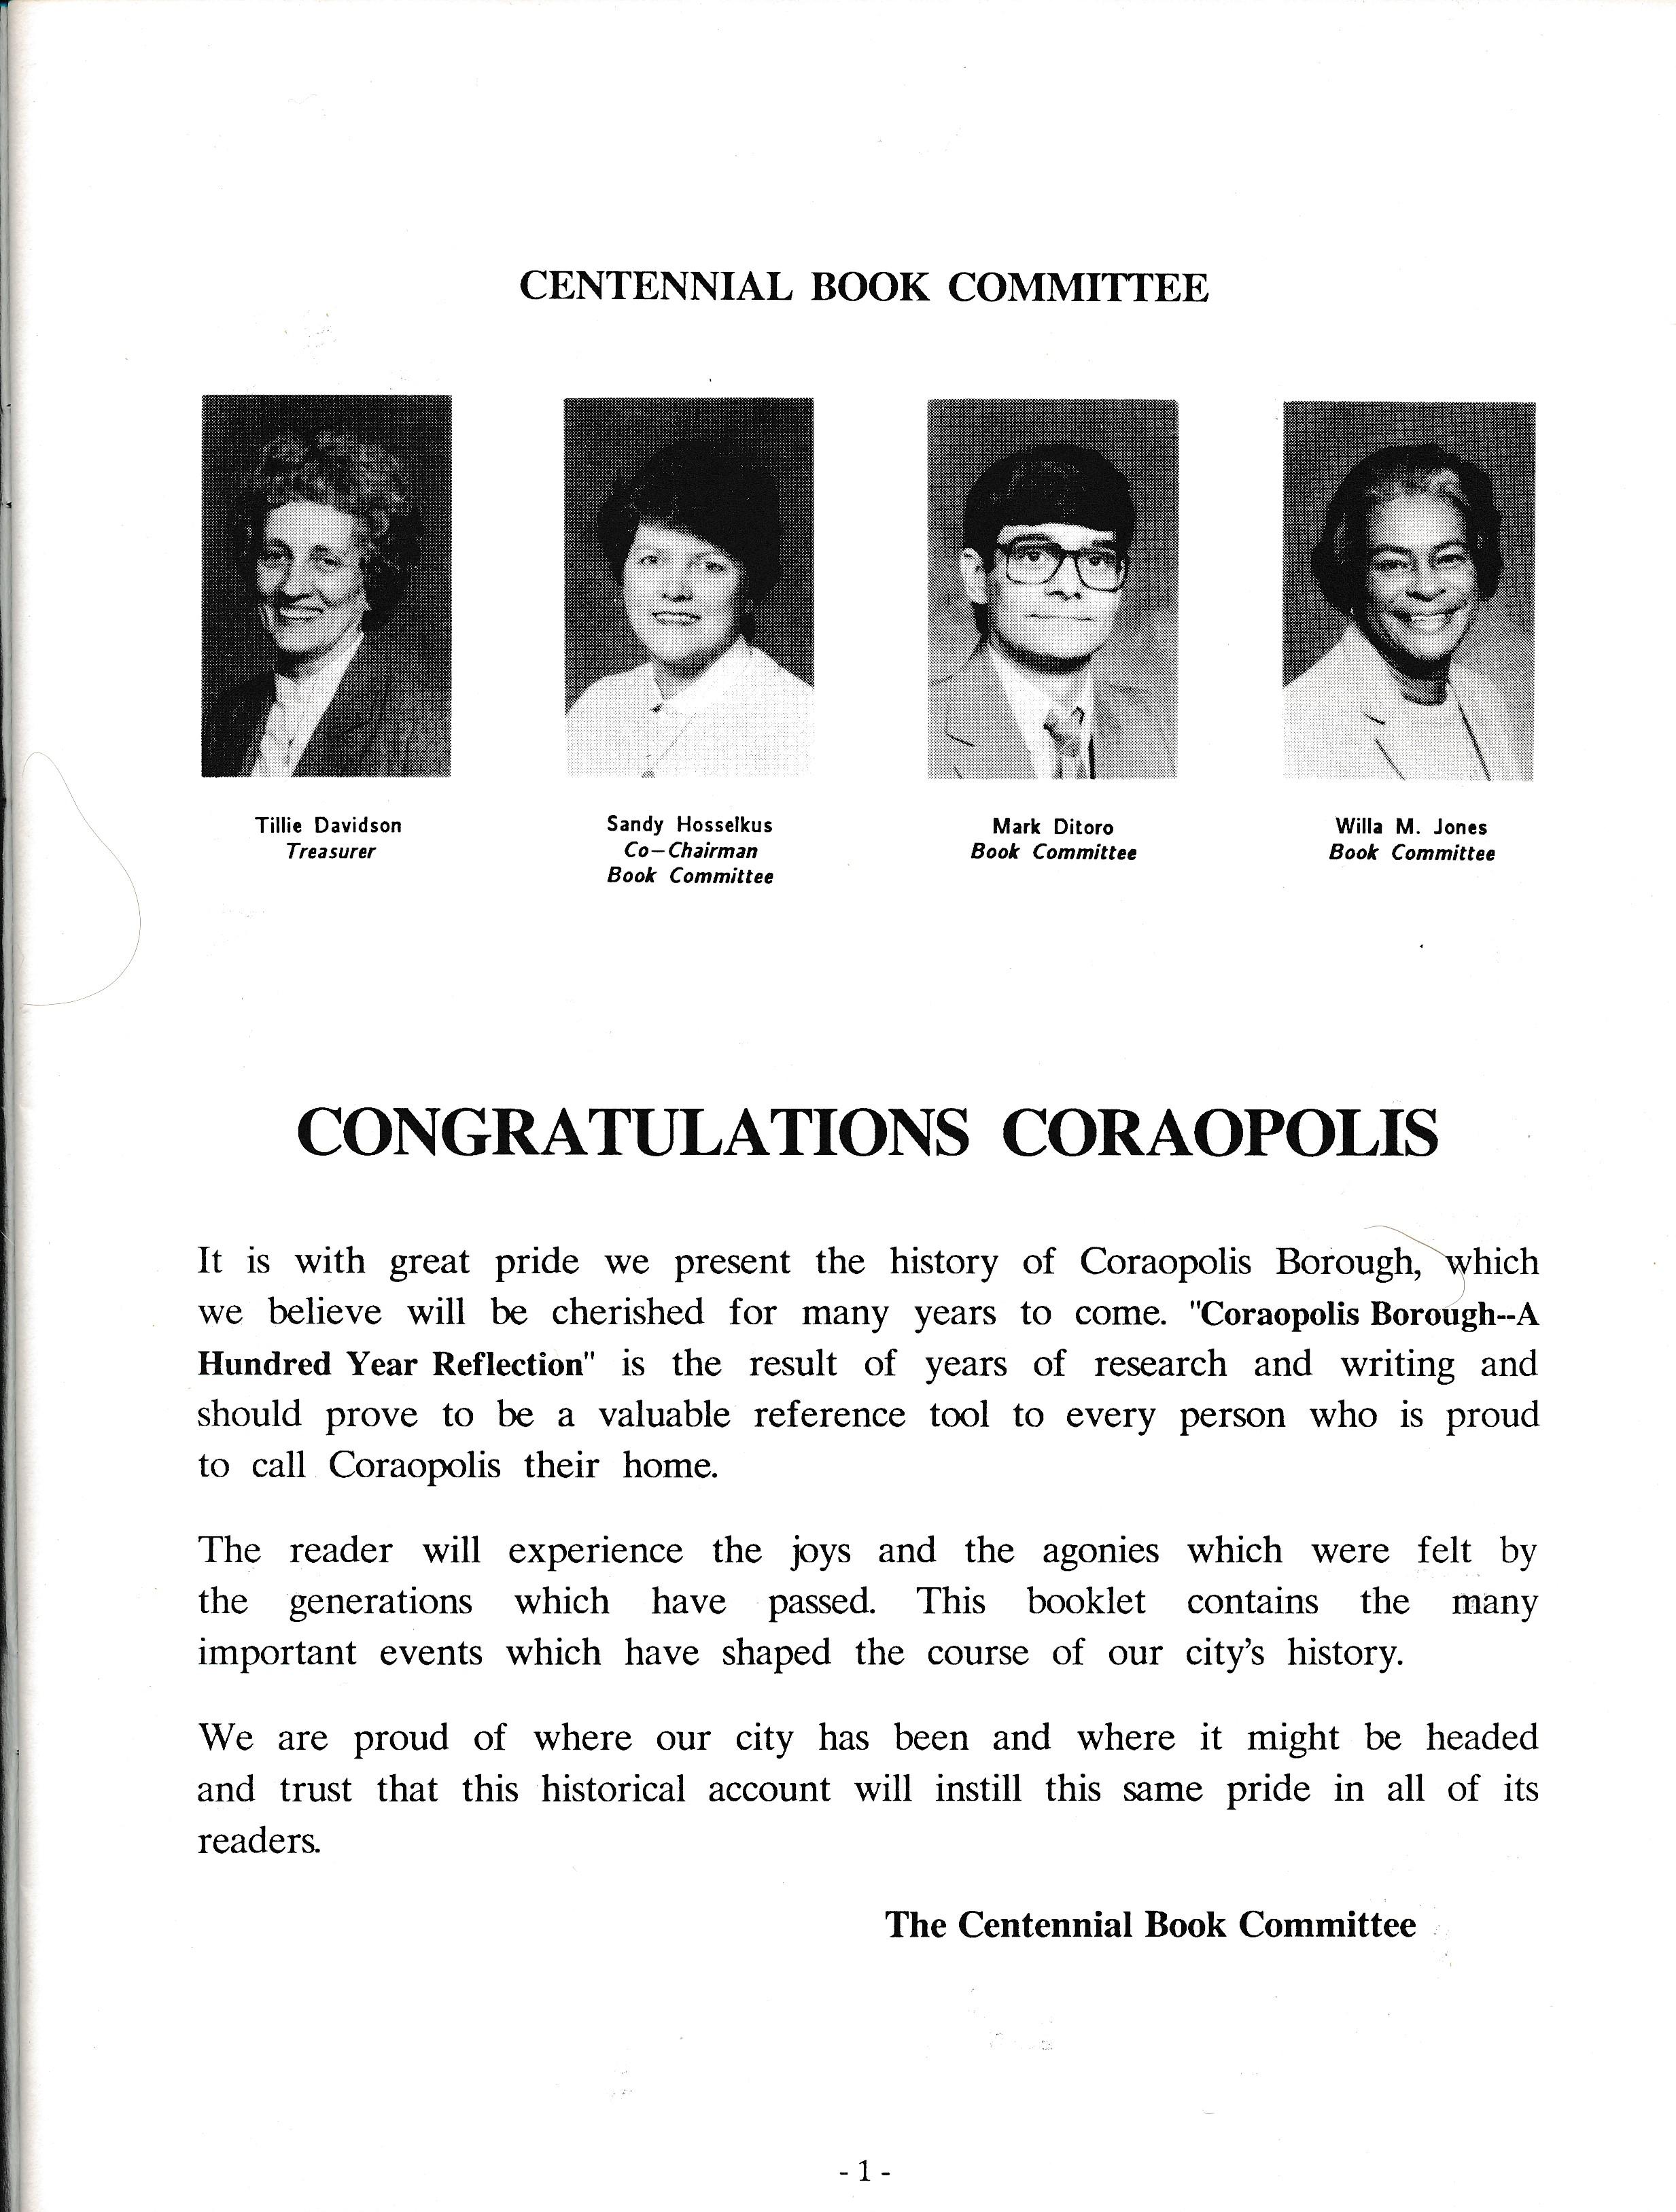 Coraopolis Centennial Booklet (3).jpg